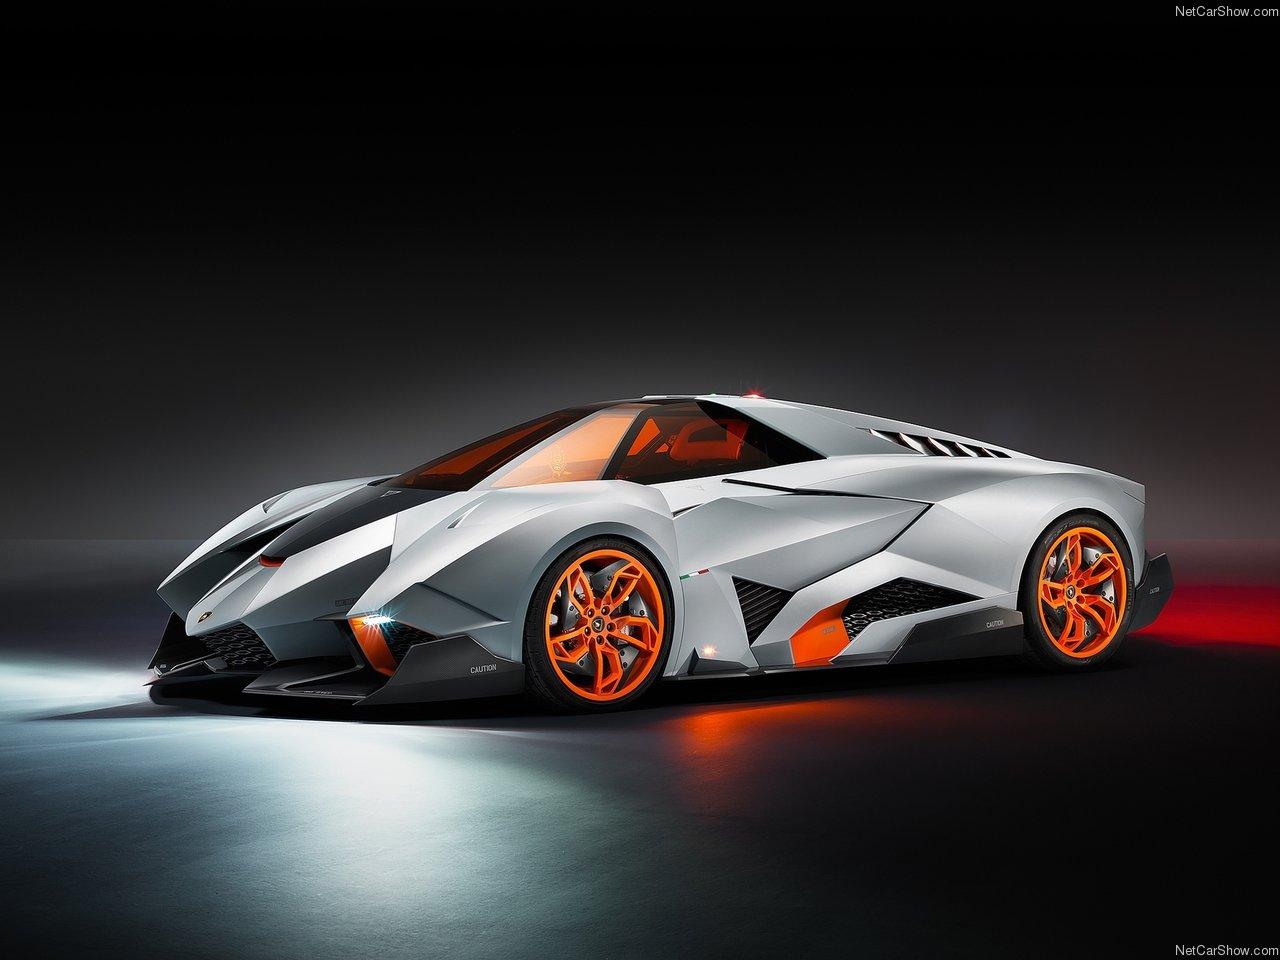 http://1.bp.blogspot.com/-VdTe5krP_rw/UZmFyQMV8qI/AAAAAAAAUbQ/Xav49dGCSVM/s1600/Lamborghini-Egoista_Concept_2013_1280x960_wallpaper_01.jpg